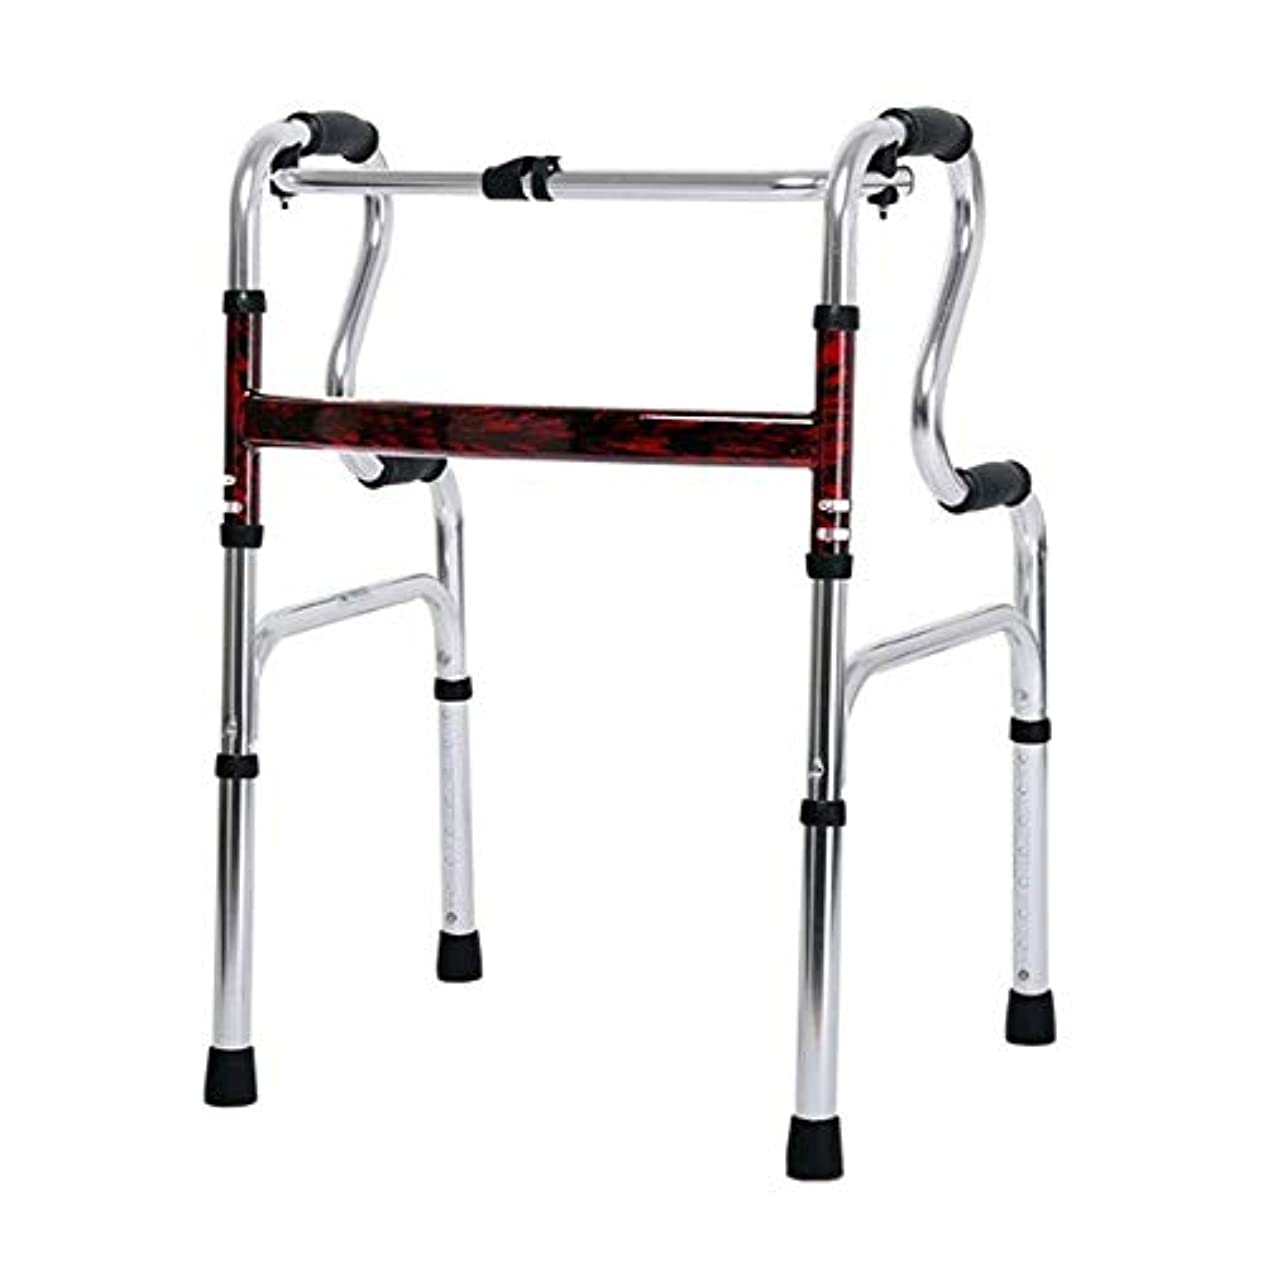 グラム真夜中うつリハビリテーション歩行器、多機能高齢者歩行ブラケット、身体障害者用両腕歩行器 (Color : 銀)